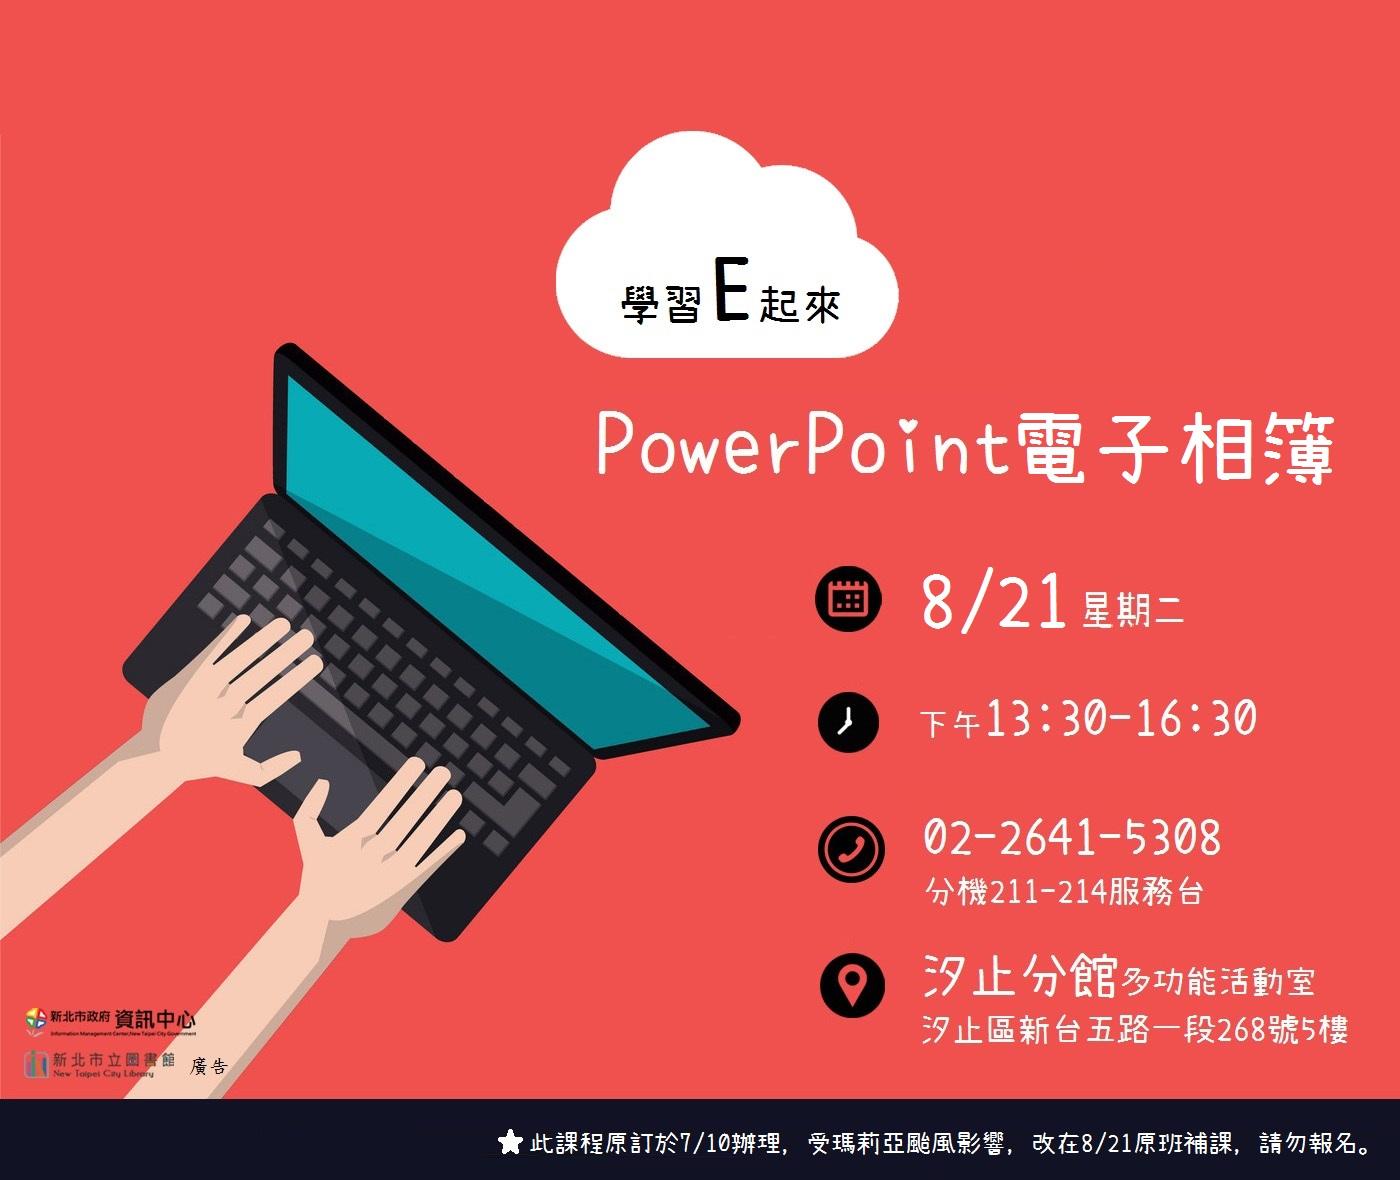 汐止分館 powerpoint電子相簿